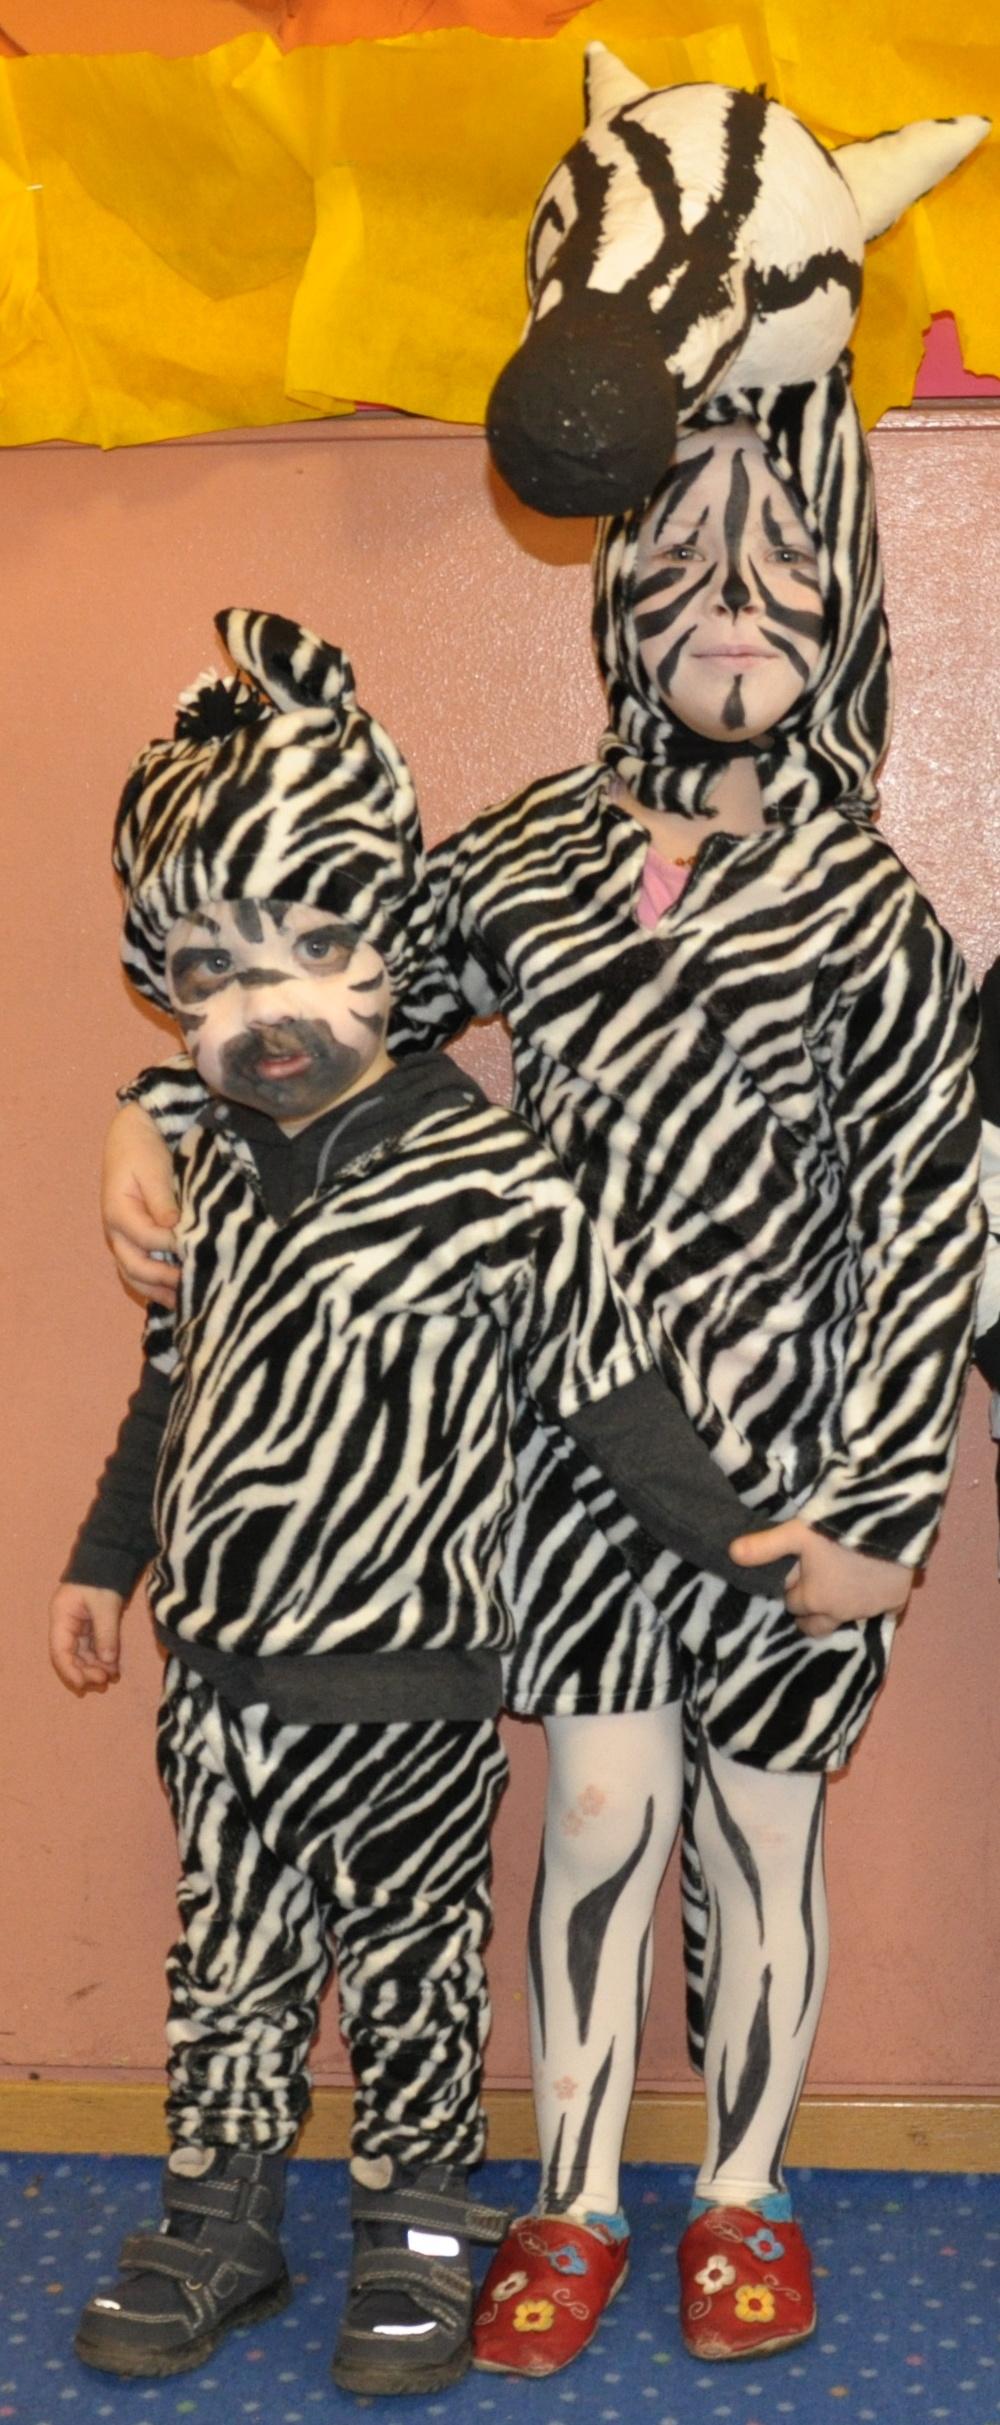 Kostüme 2 Zebras